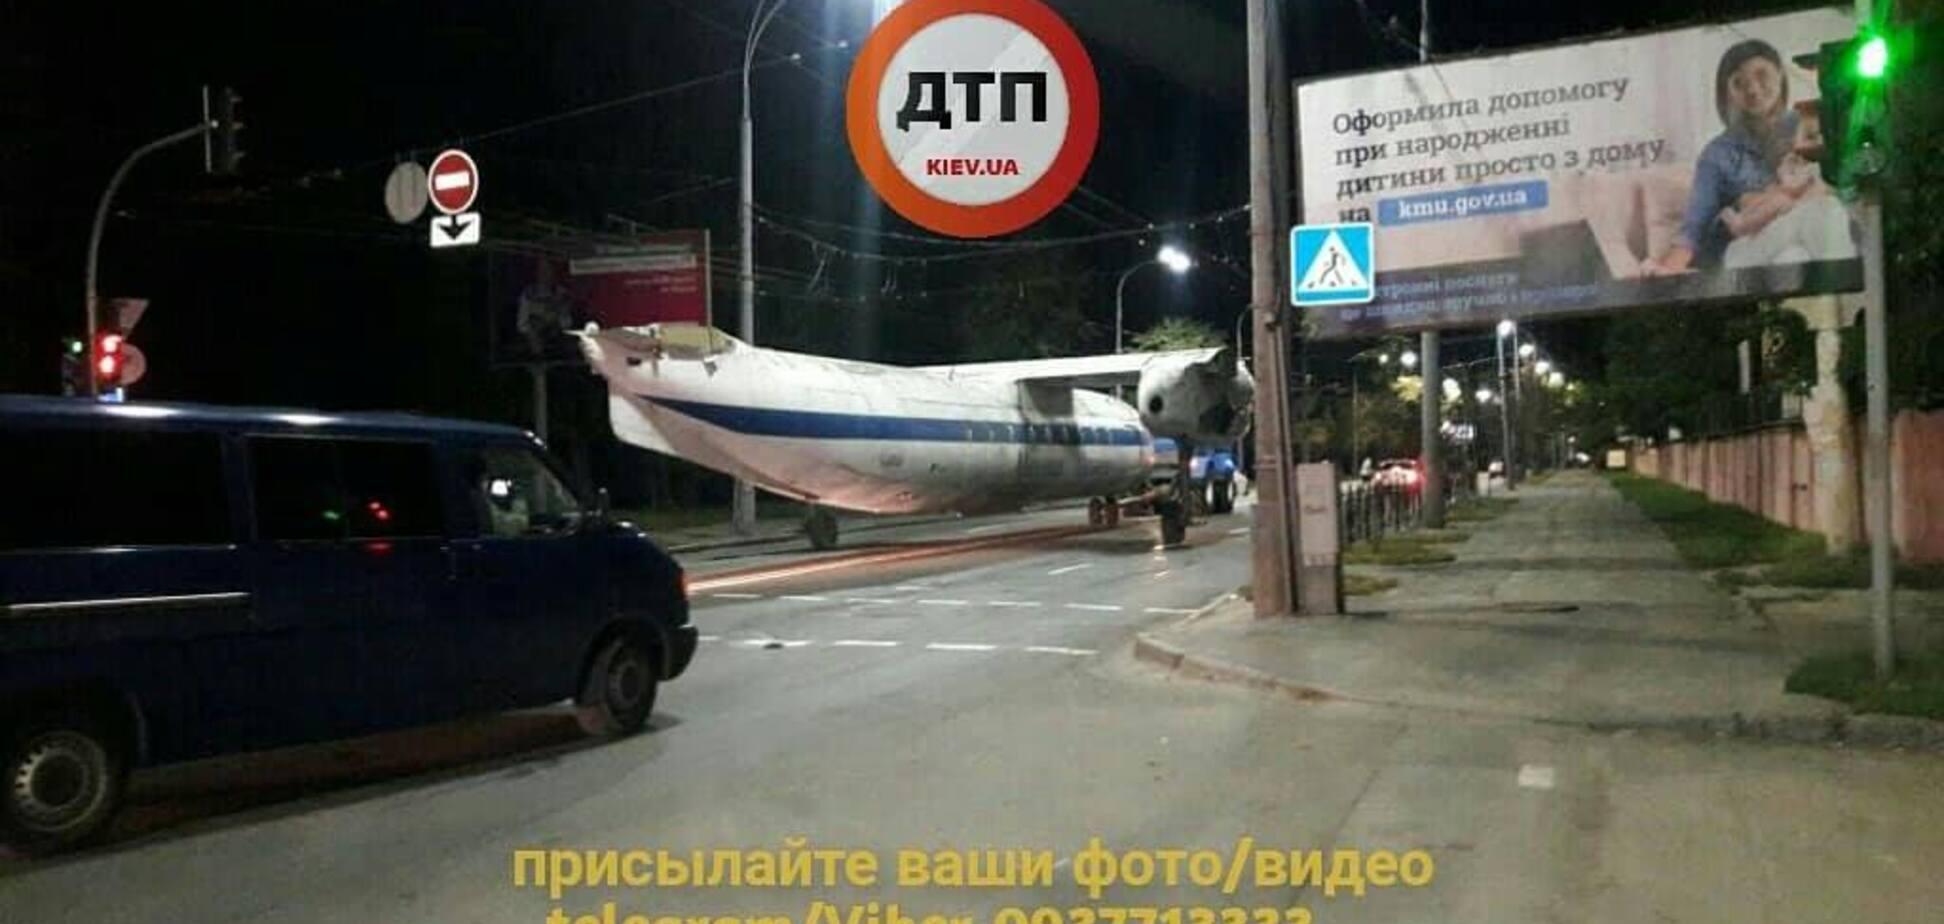 Ночью по Киеву катался самолет: как это было